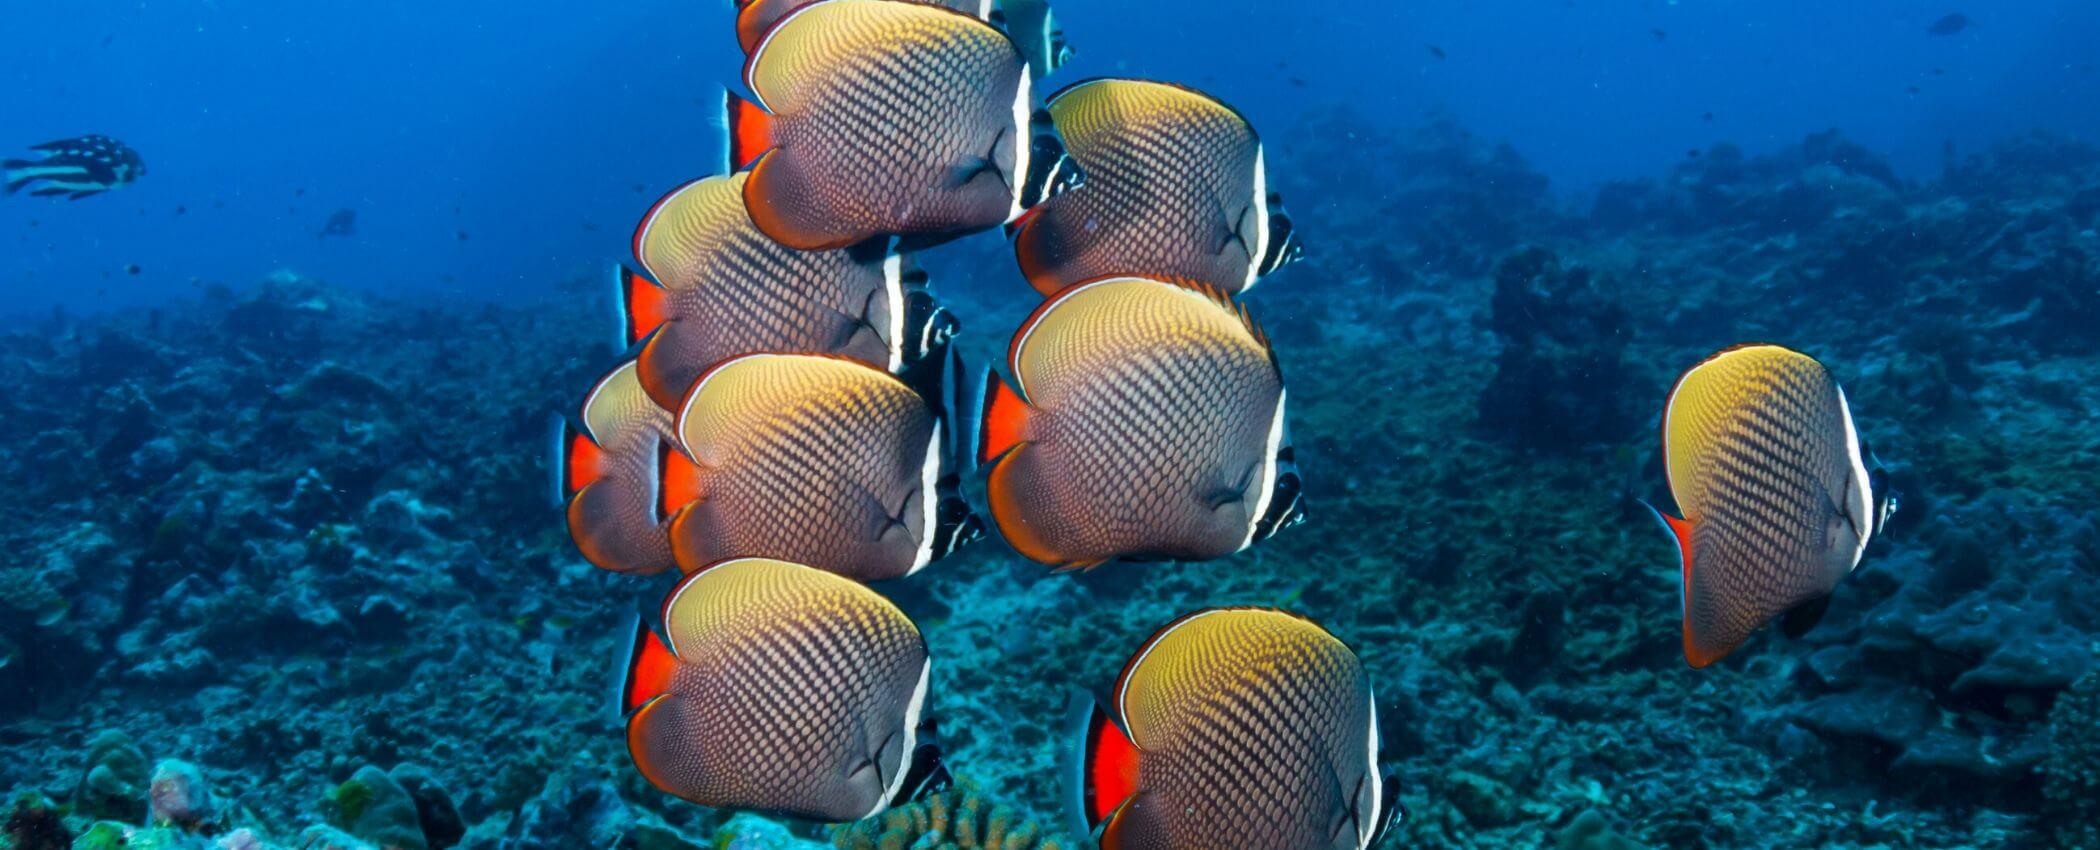 philippines scuba